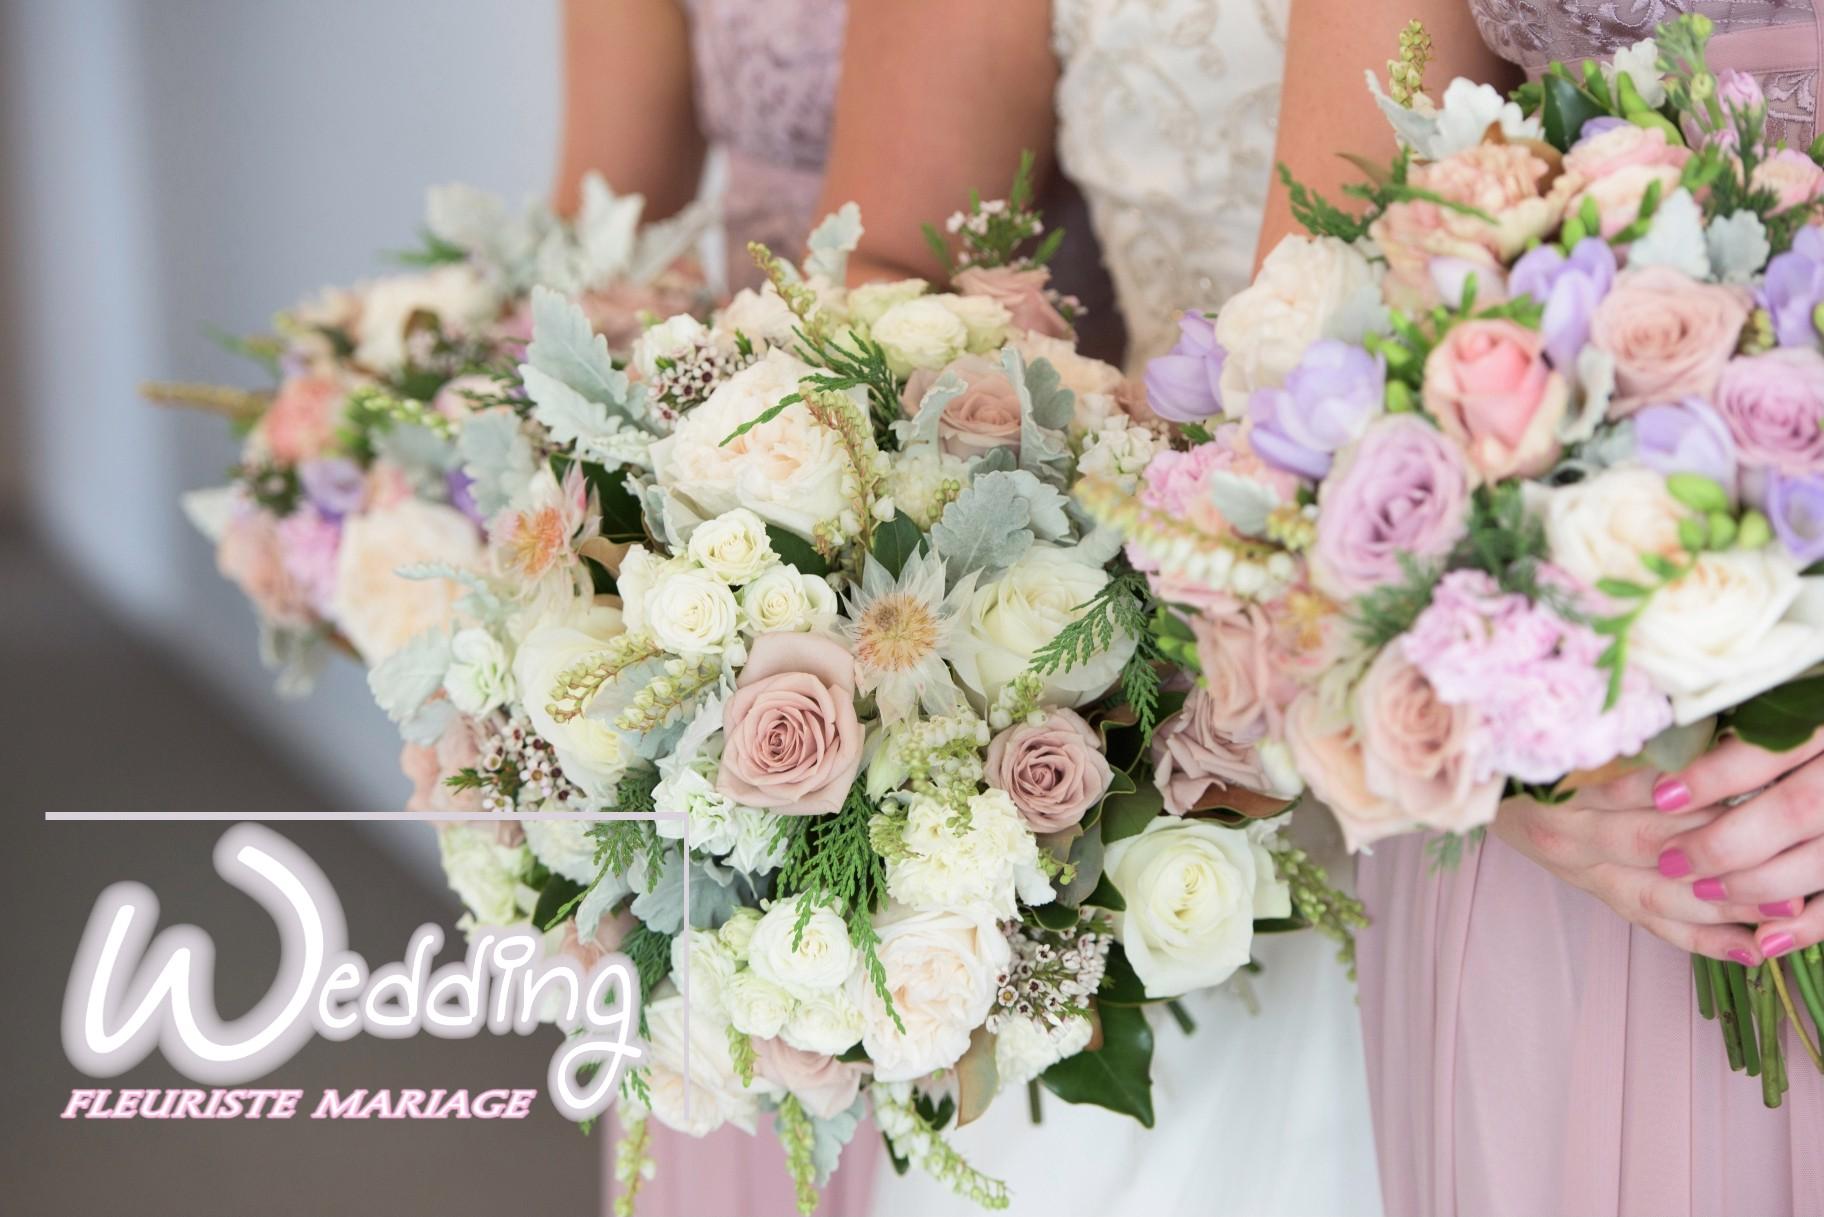 BOUQUETS DEMOISELLE D'HONNEUR CARROS - WEDDING FLEURISTE MARIAGE CARROS